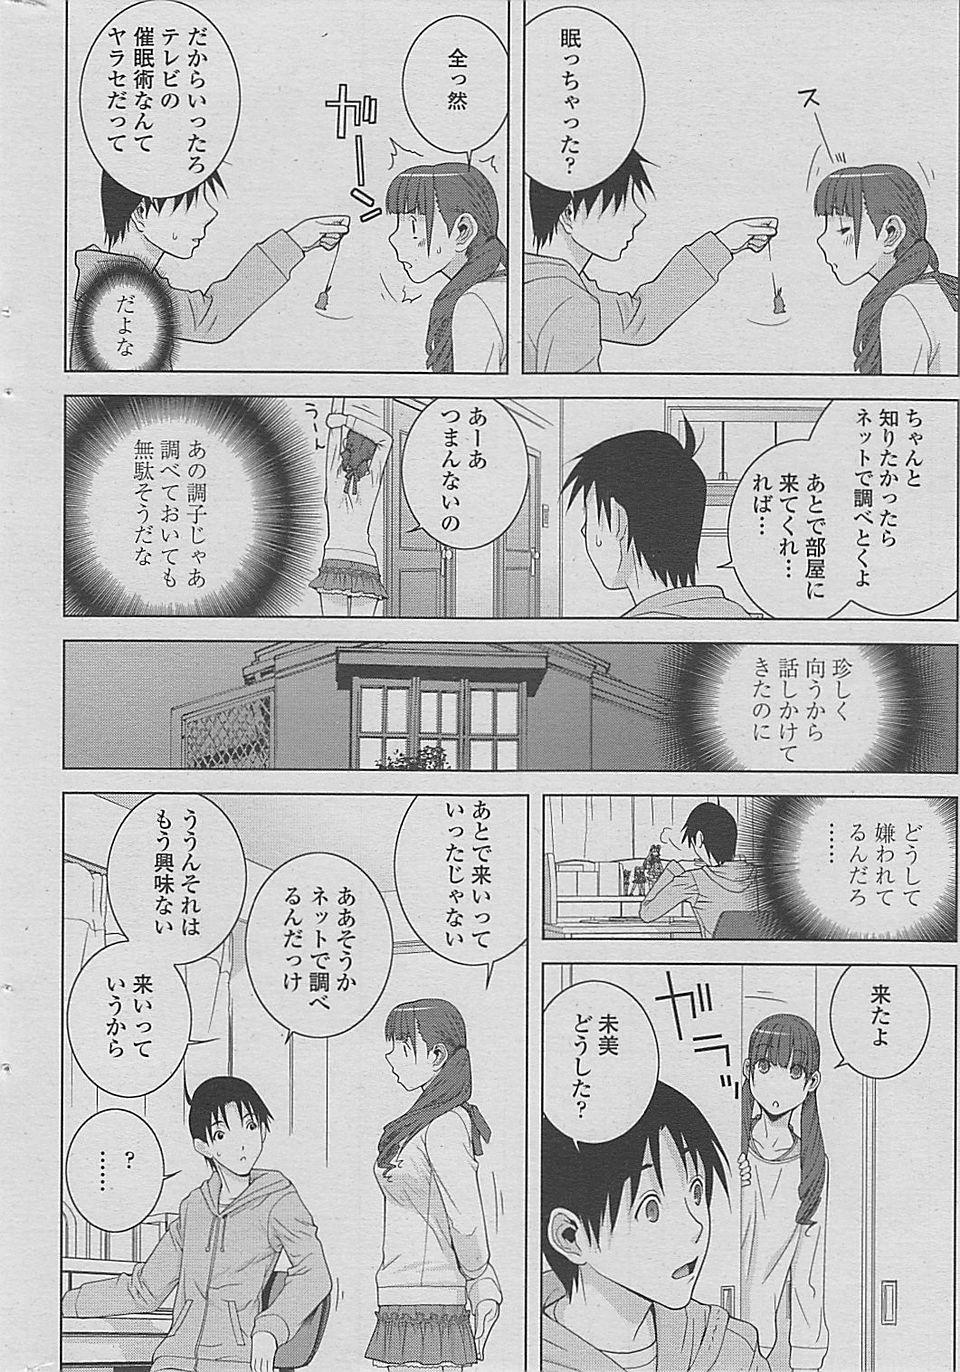 【エロ漫画・エロ同人誌】巨乳の義妹に催眠術かけてって言われたからかけてみたらかかったみたいwツンデレ全開になっちゃってセックスしちゃったwww (4)